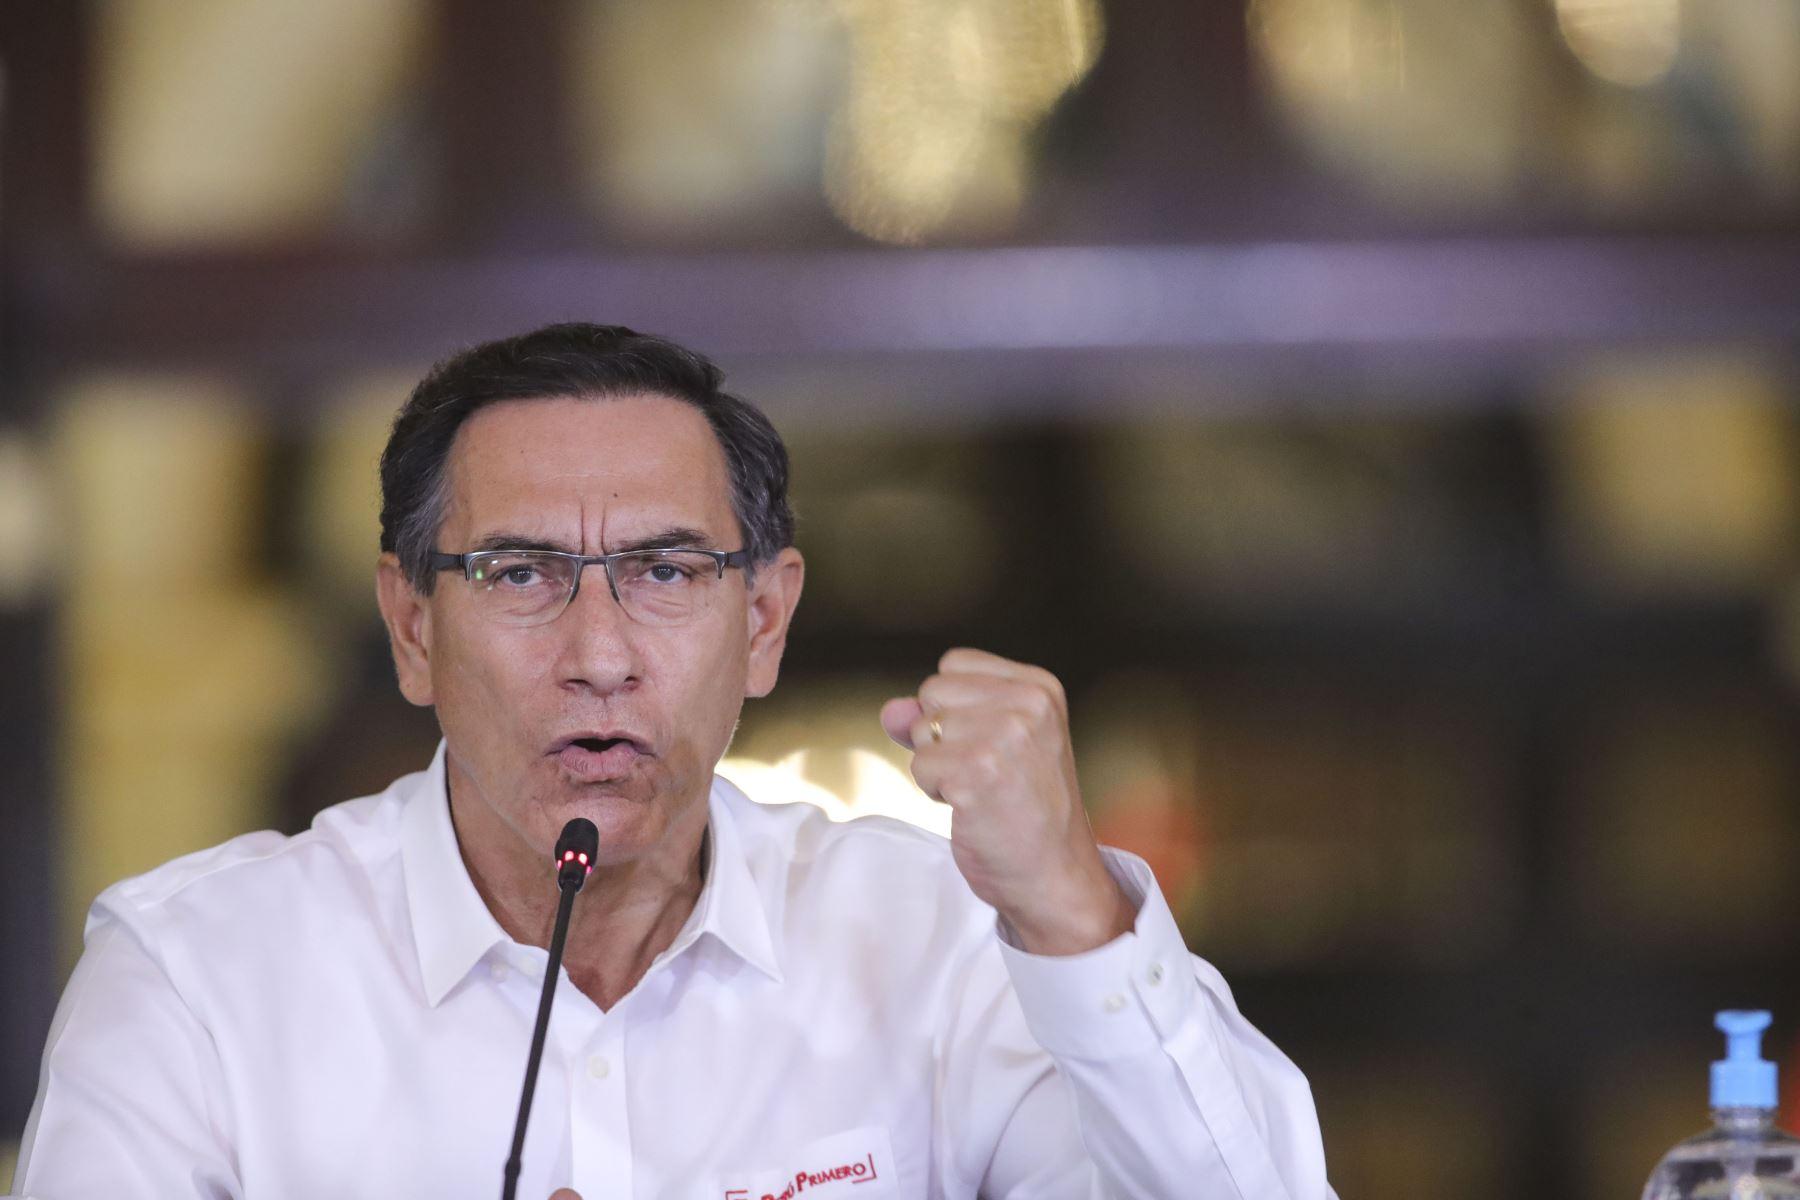 El presidente de la República, Martín Vizcarra, informa los avances de las medidas adoptadas en el marco del estado de emergencia nacional por el coronavirus (covid-19). Foto: ANDINA/Prensa Presidencia